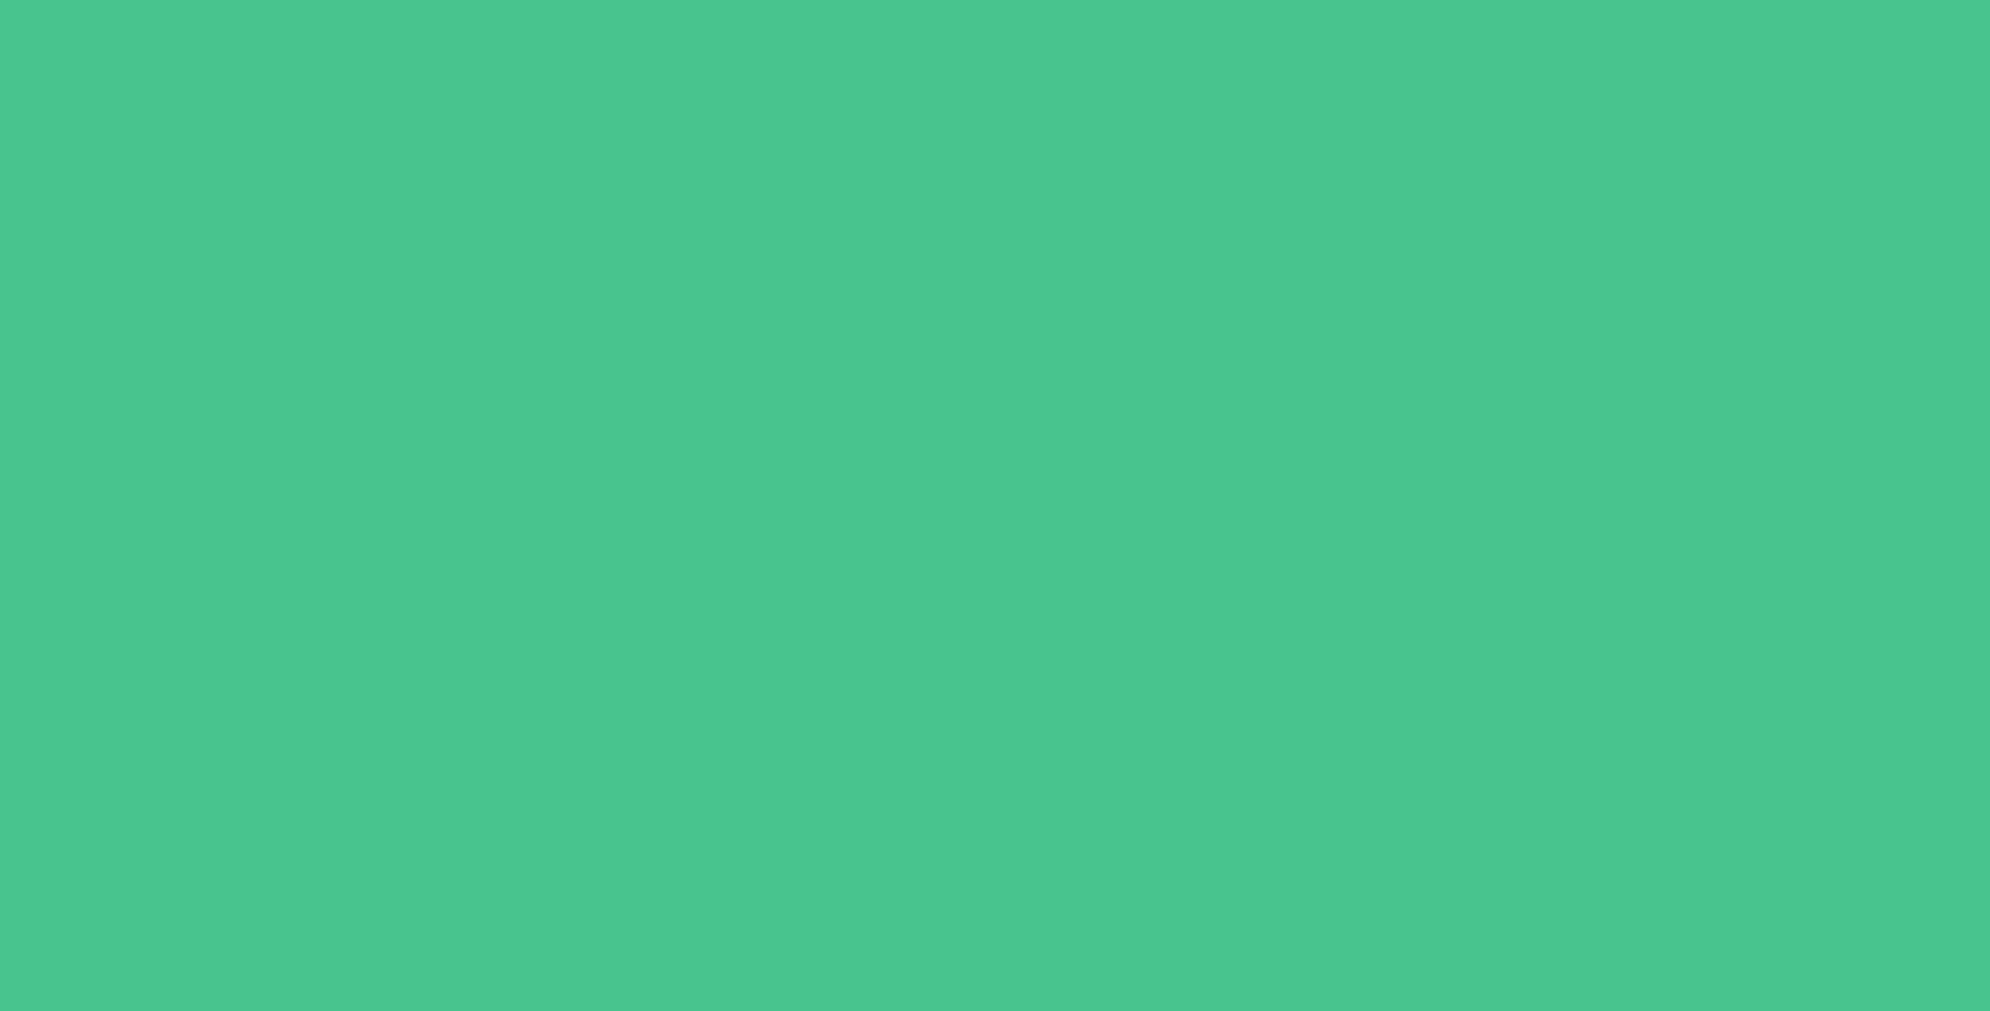 Les utilisateurs de Listerine sont plus nombreux à danser sur un coup de tête. Etude réalisée en Septembre 2015 dans 6 pays (Etats-Unis, Royaume-Uni, Allemagne, Brésil, Japon, Thaïlande) auprès de 6000 personnes (500 utilisateurs et 500 non utilisateurs)